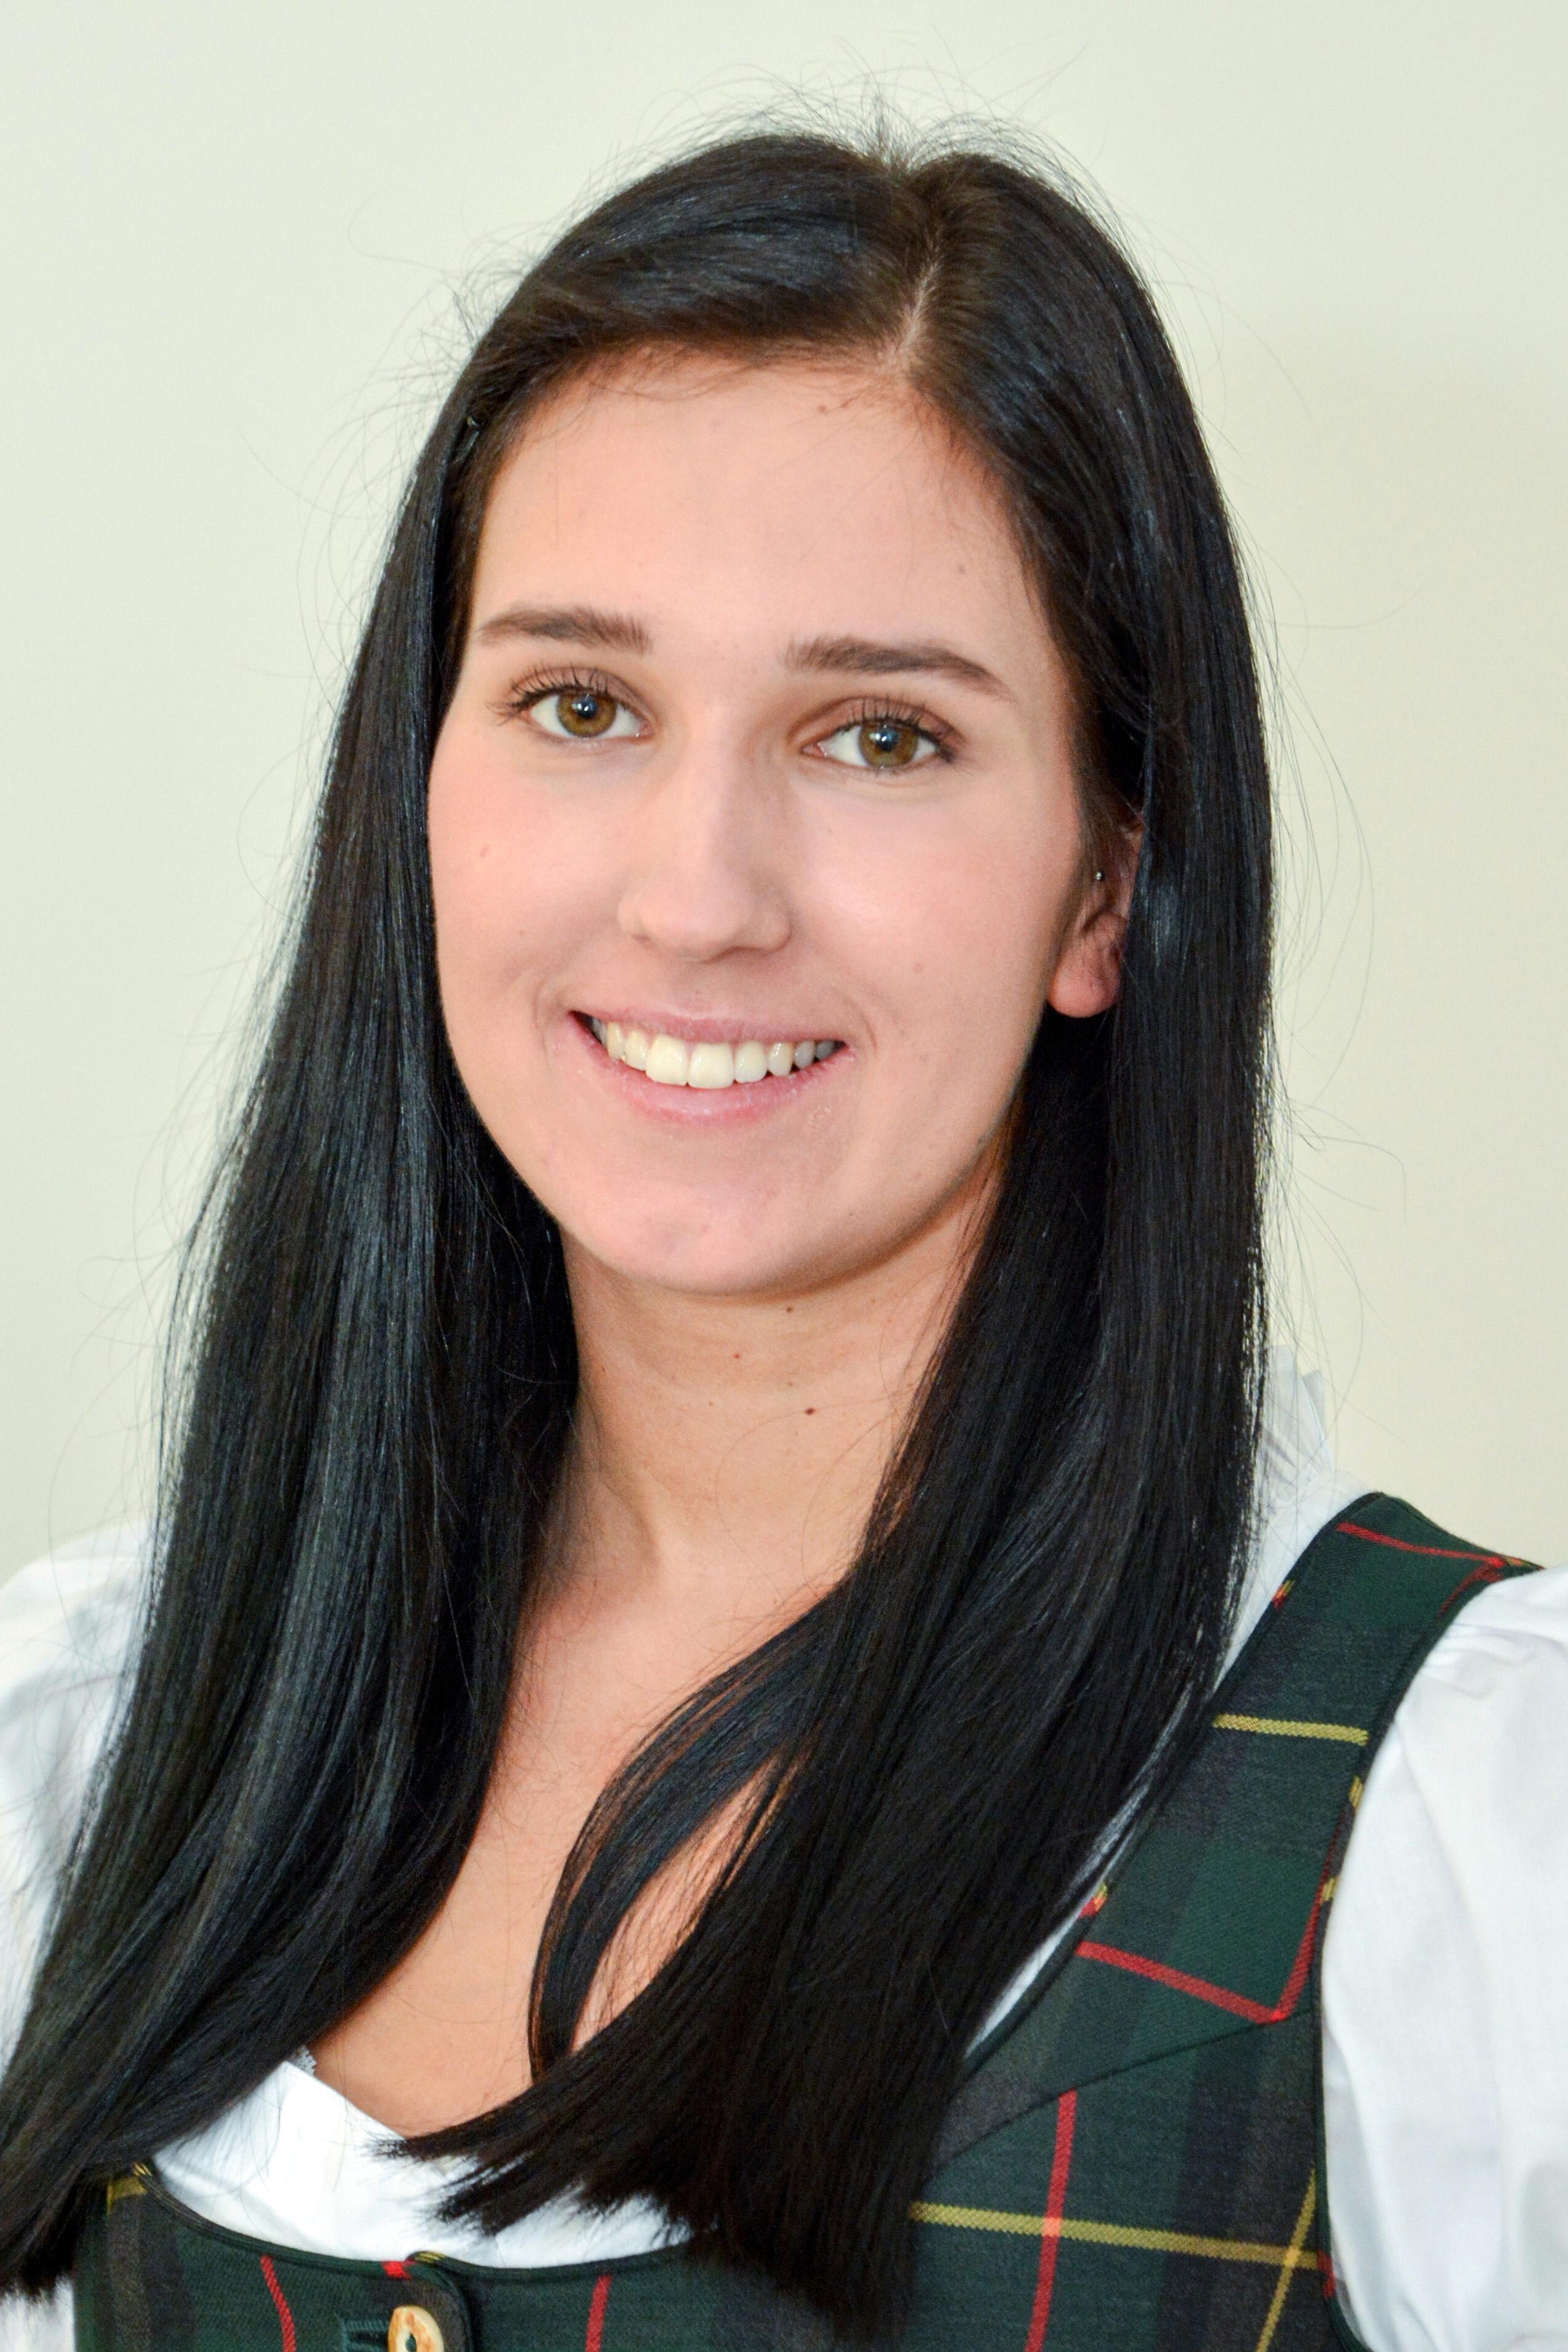 Beirat: Nina Wirtitsch